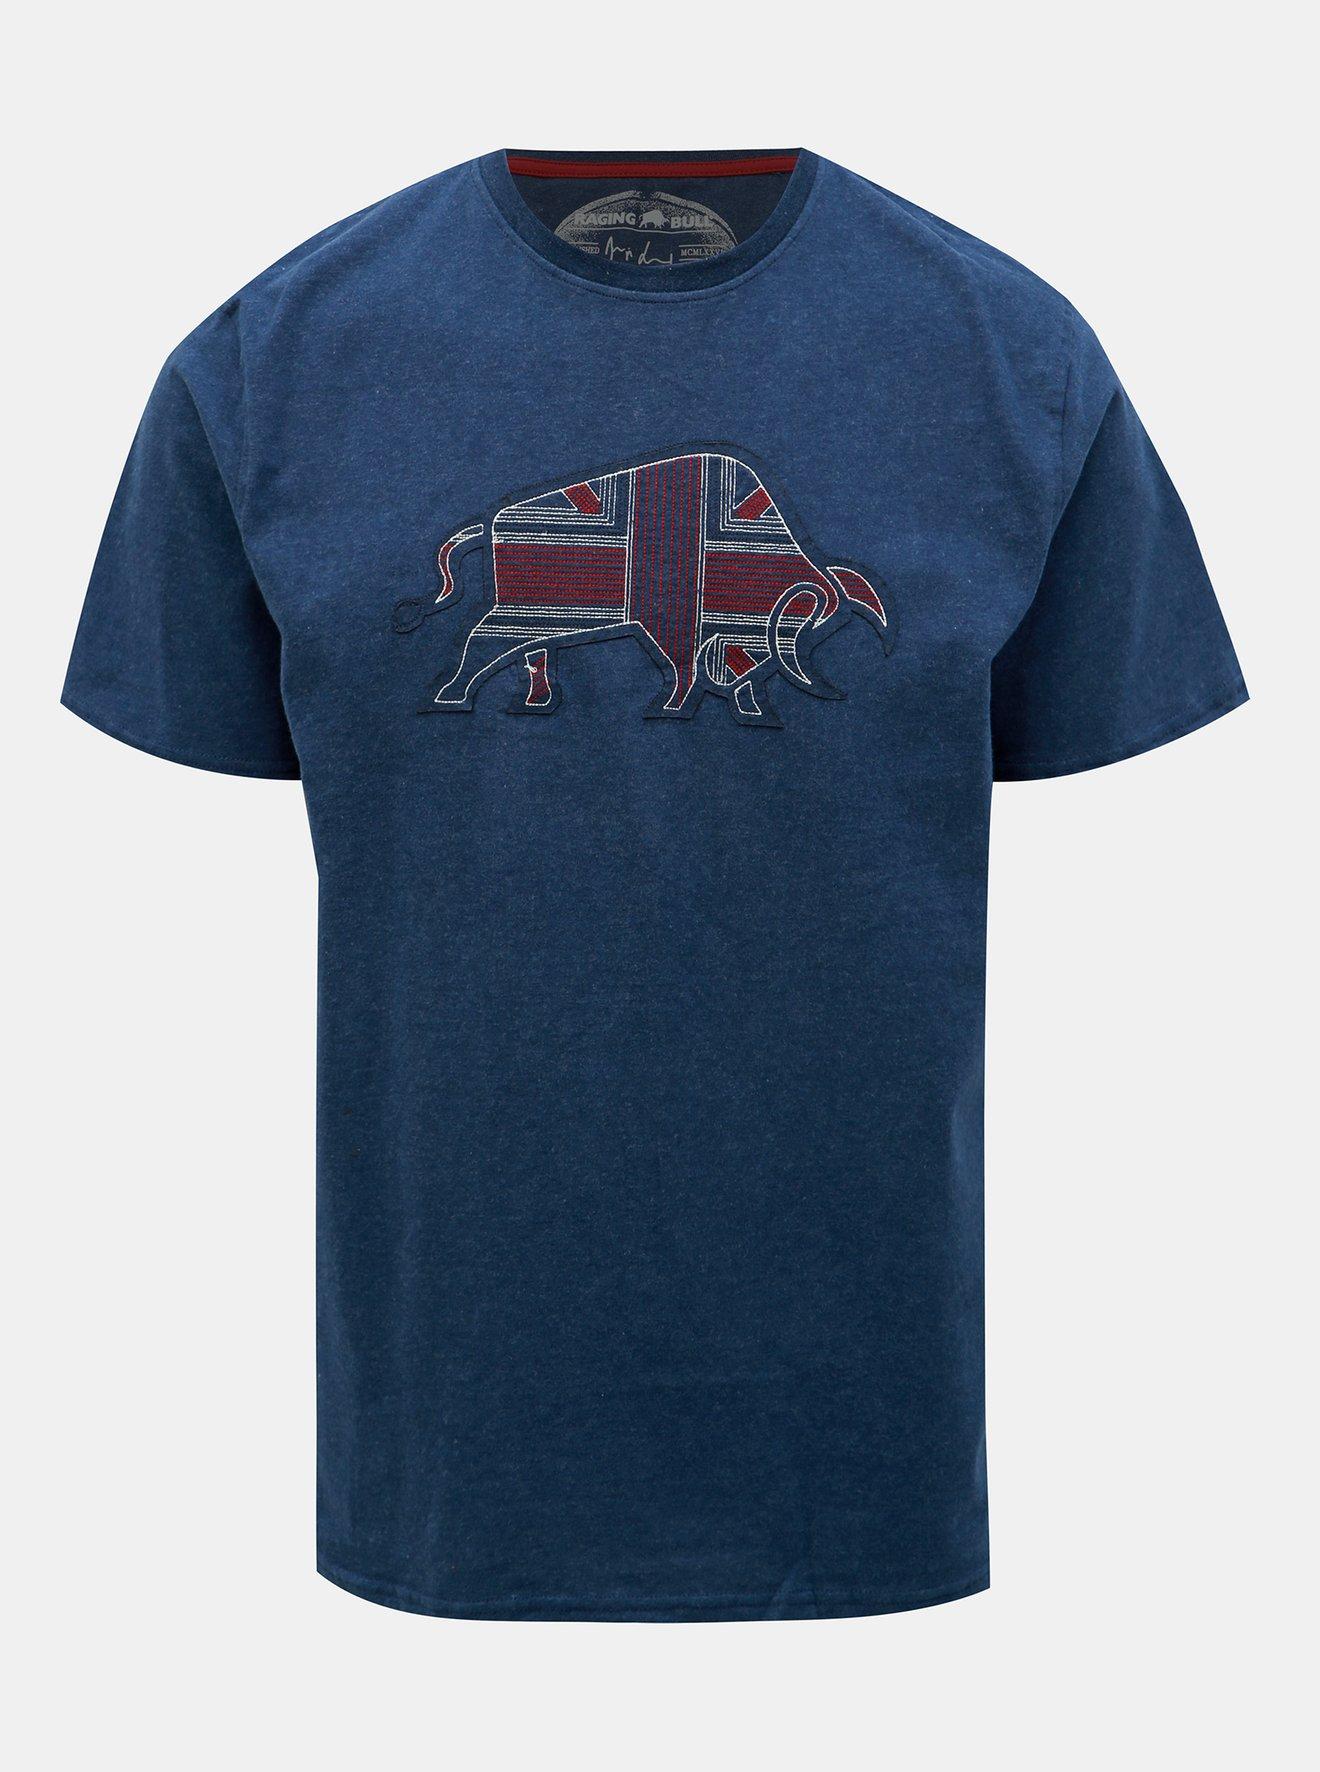 Tmavě modré tričko s nášivkou Raging Bull